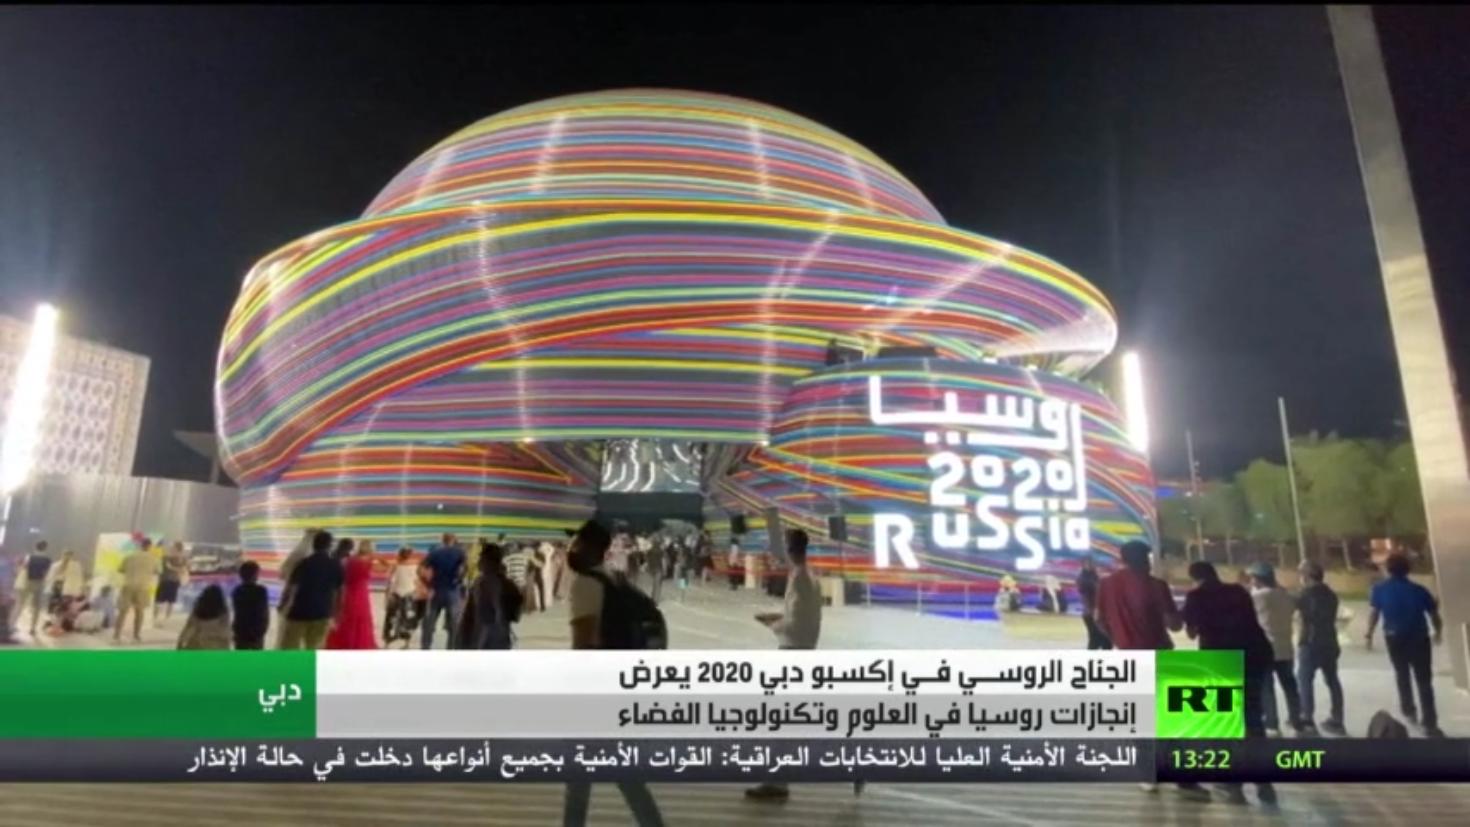 إكسبو دبي.. إنجازات روسيا في العلوم والفضاء